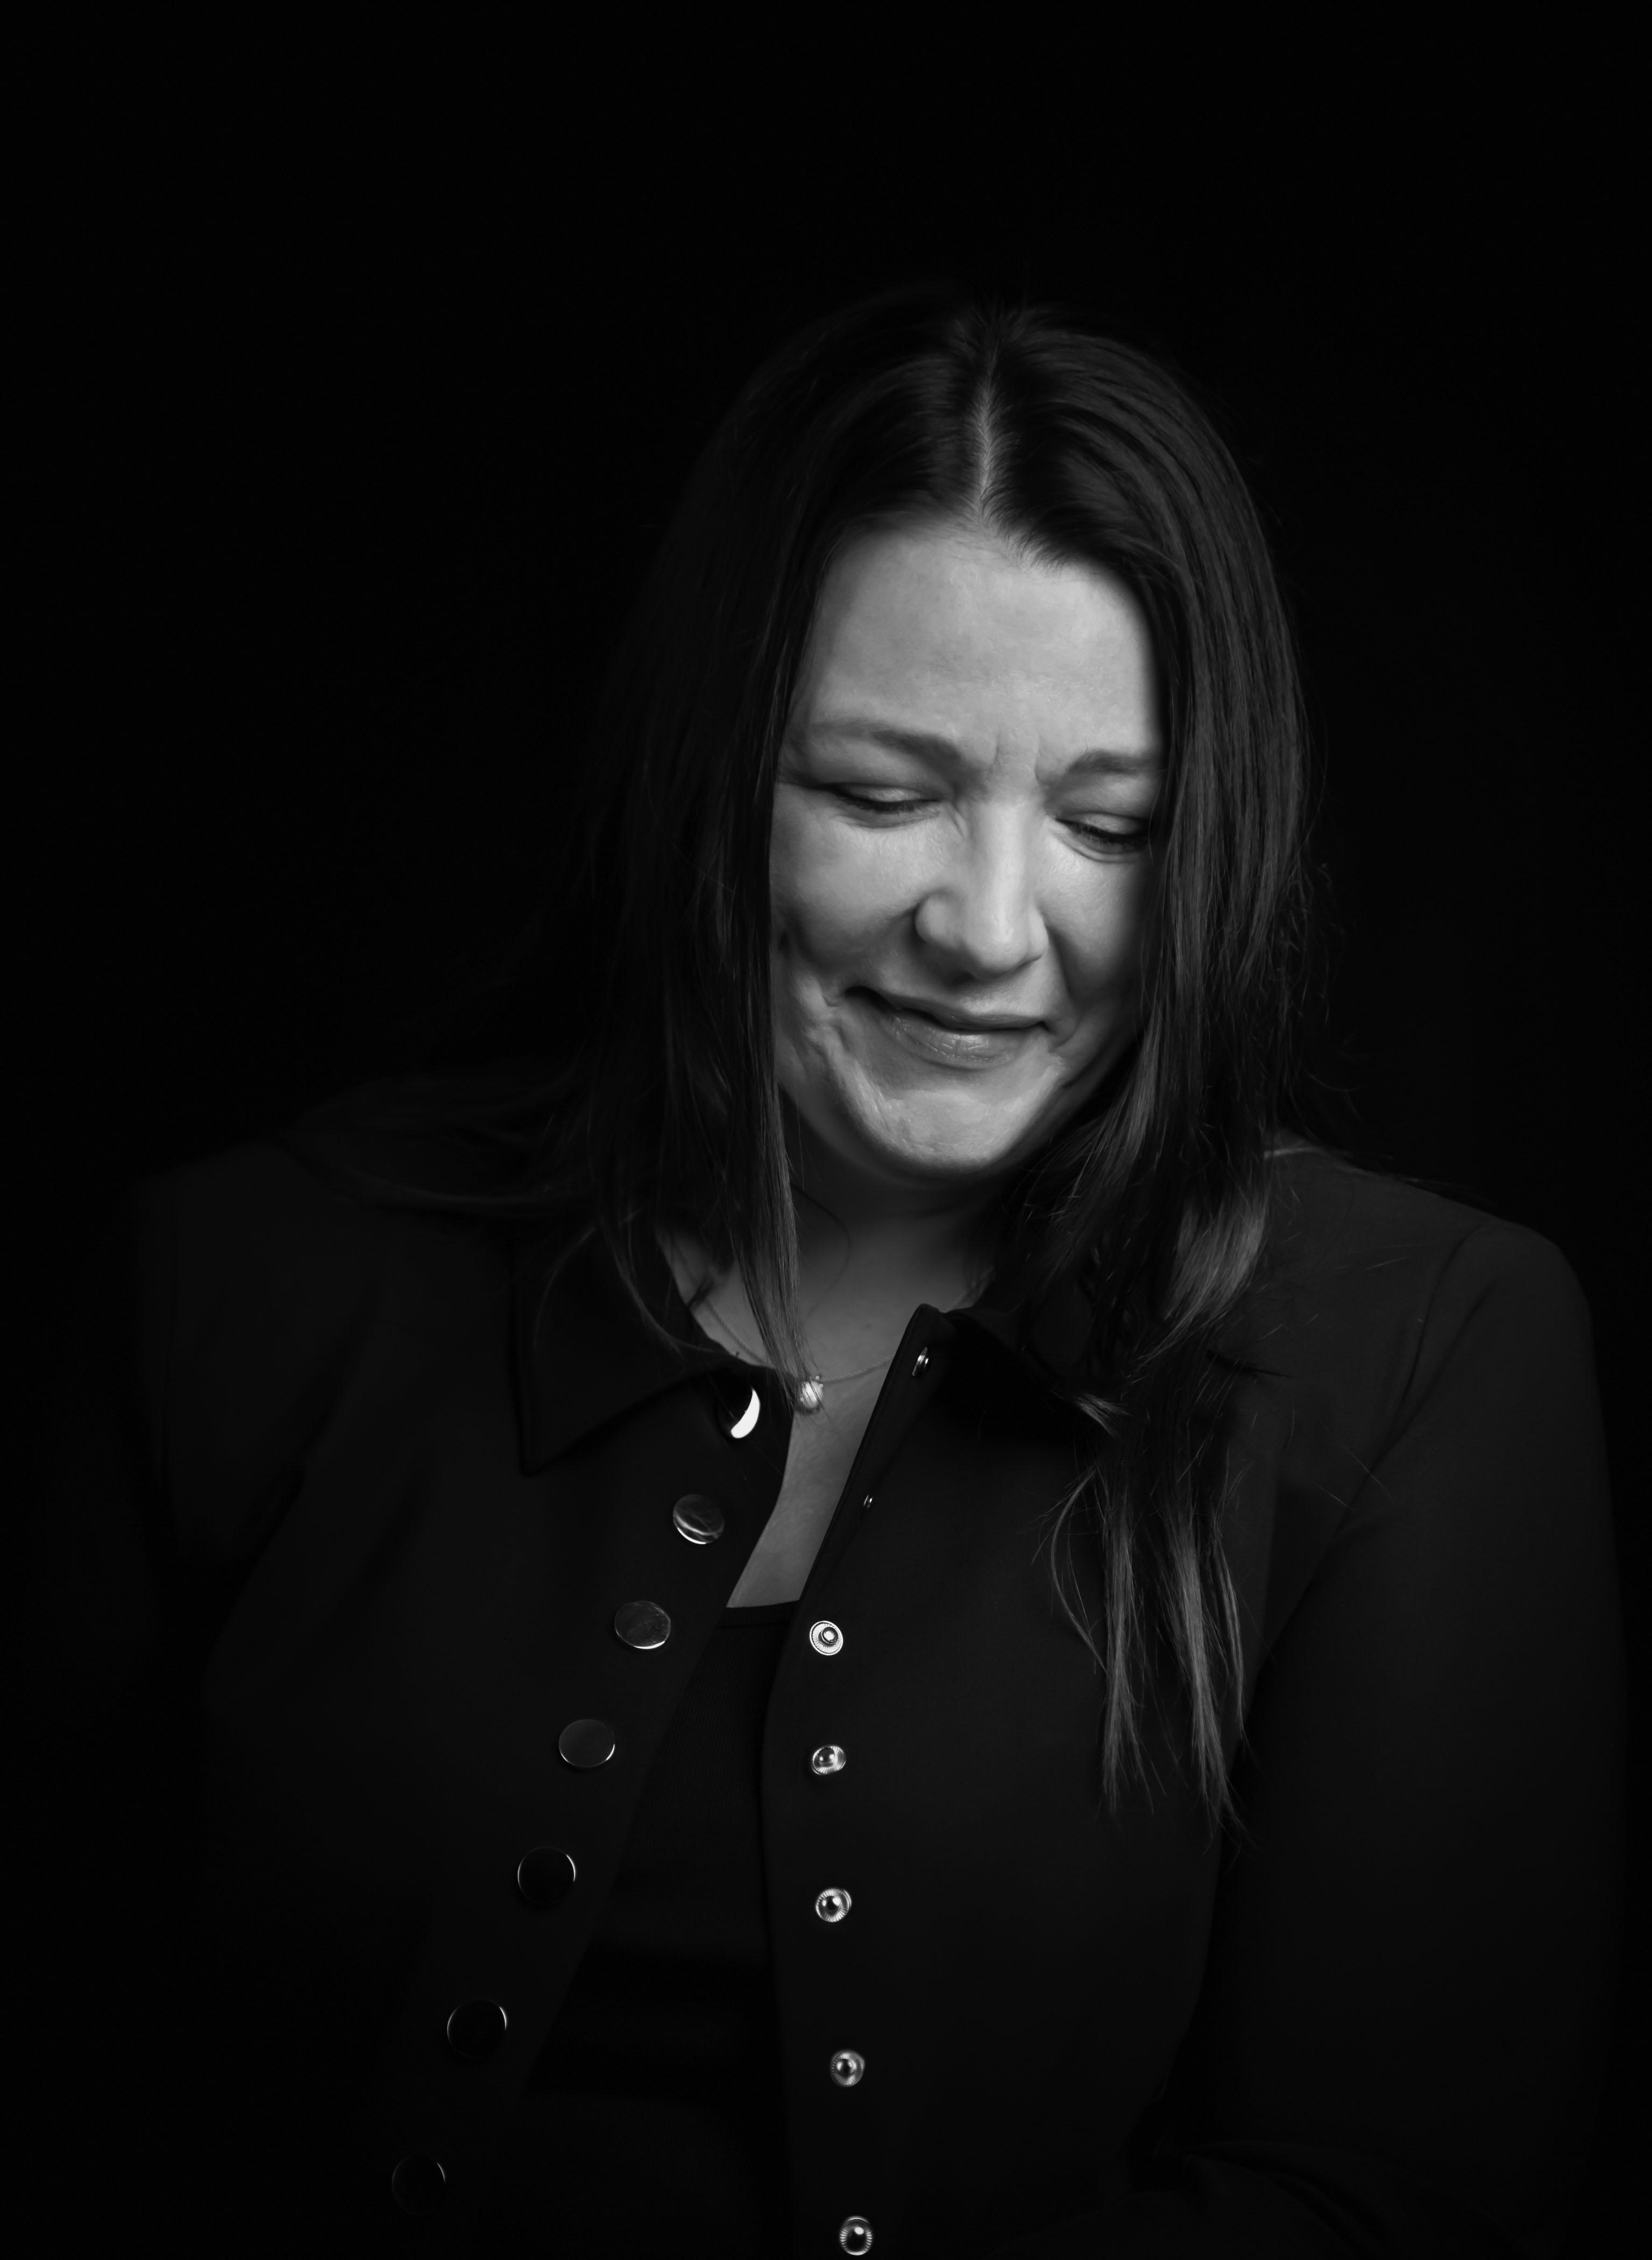 LITTÉRATURE: Célébrer Tania Langlais – En toutes lettres